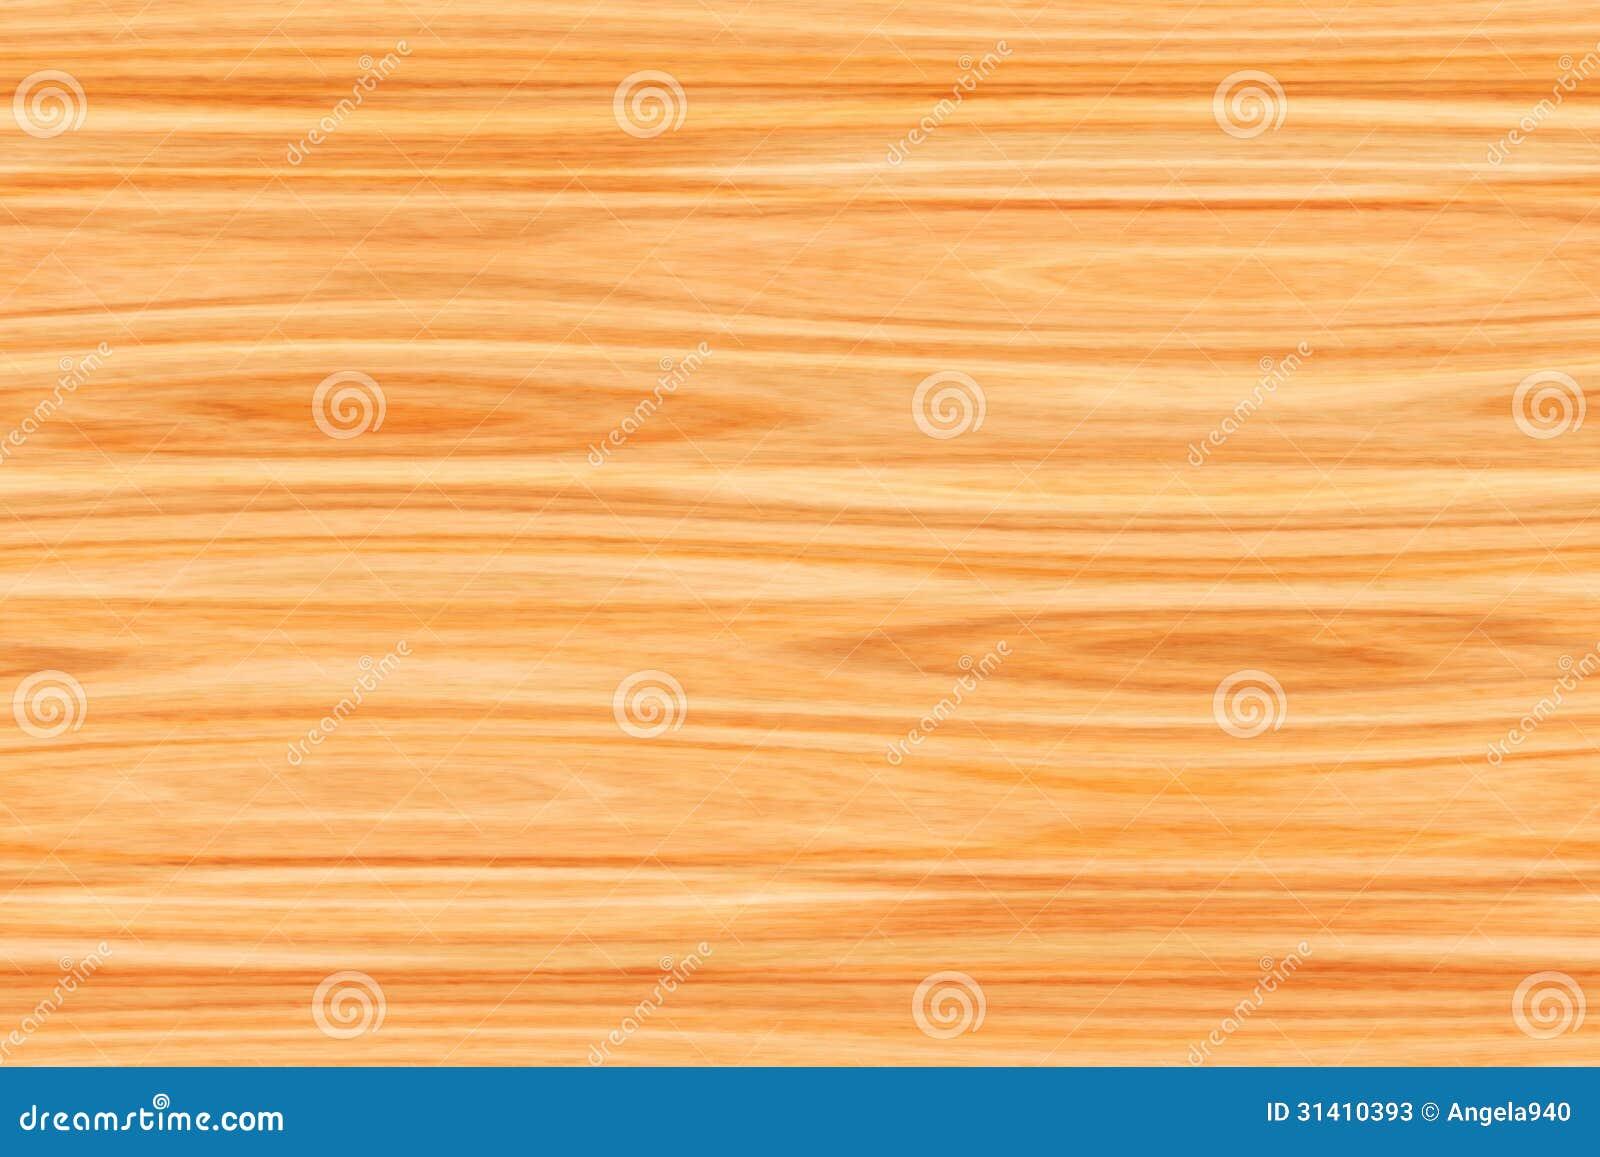 texture en bois de planche photos stock image 31410393. Black Bedroom Furniture Sets. Home Design Ideas